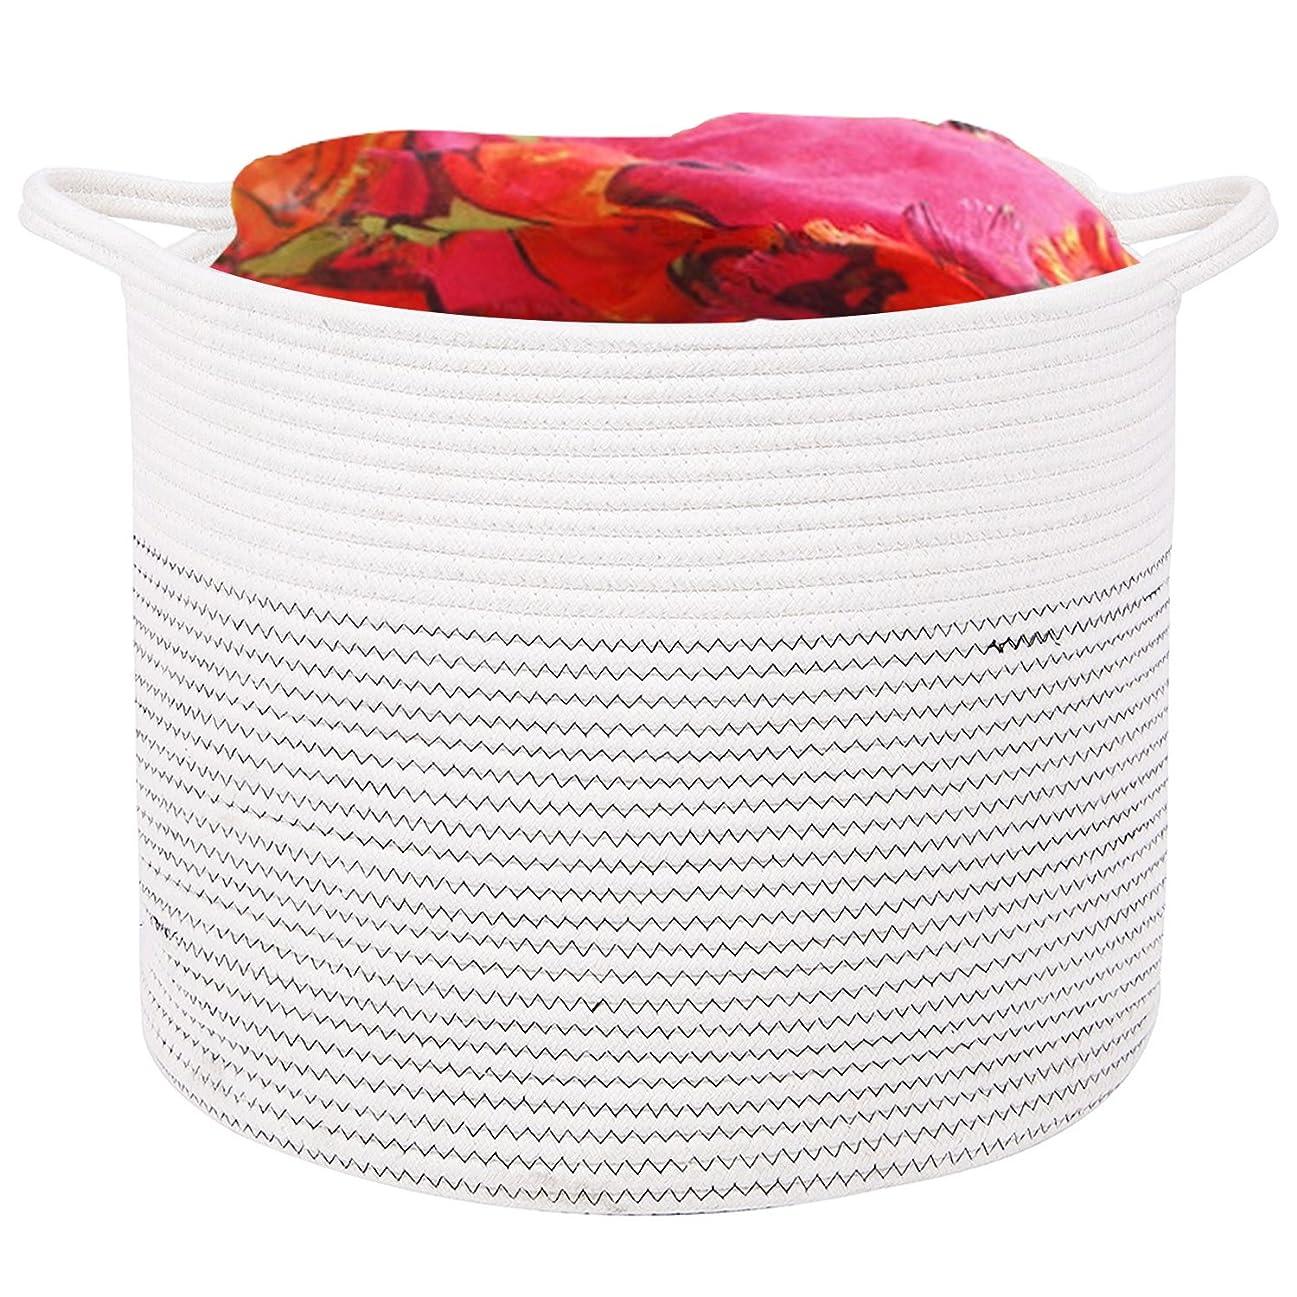 引退したスポーツをする破壊的DOKEHOM 厚い コットンロープ ランドリーバスケット - 17 Inches(D) x 14.6 Inches(H) - 収納ボックス バッグ 洗濯かご 取っ手付き 折り畳み式 大容量 (白, L)